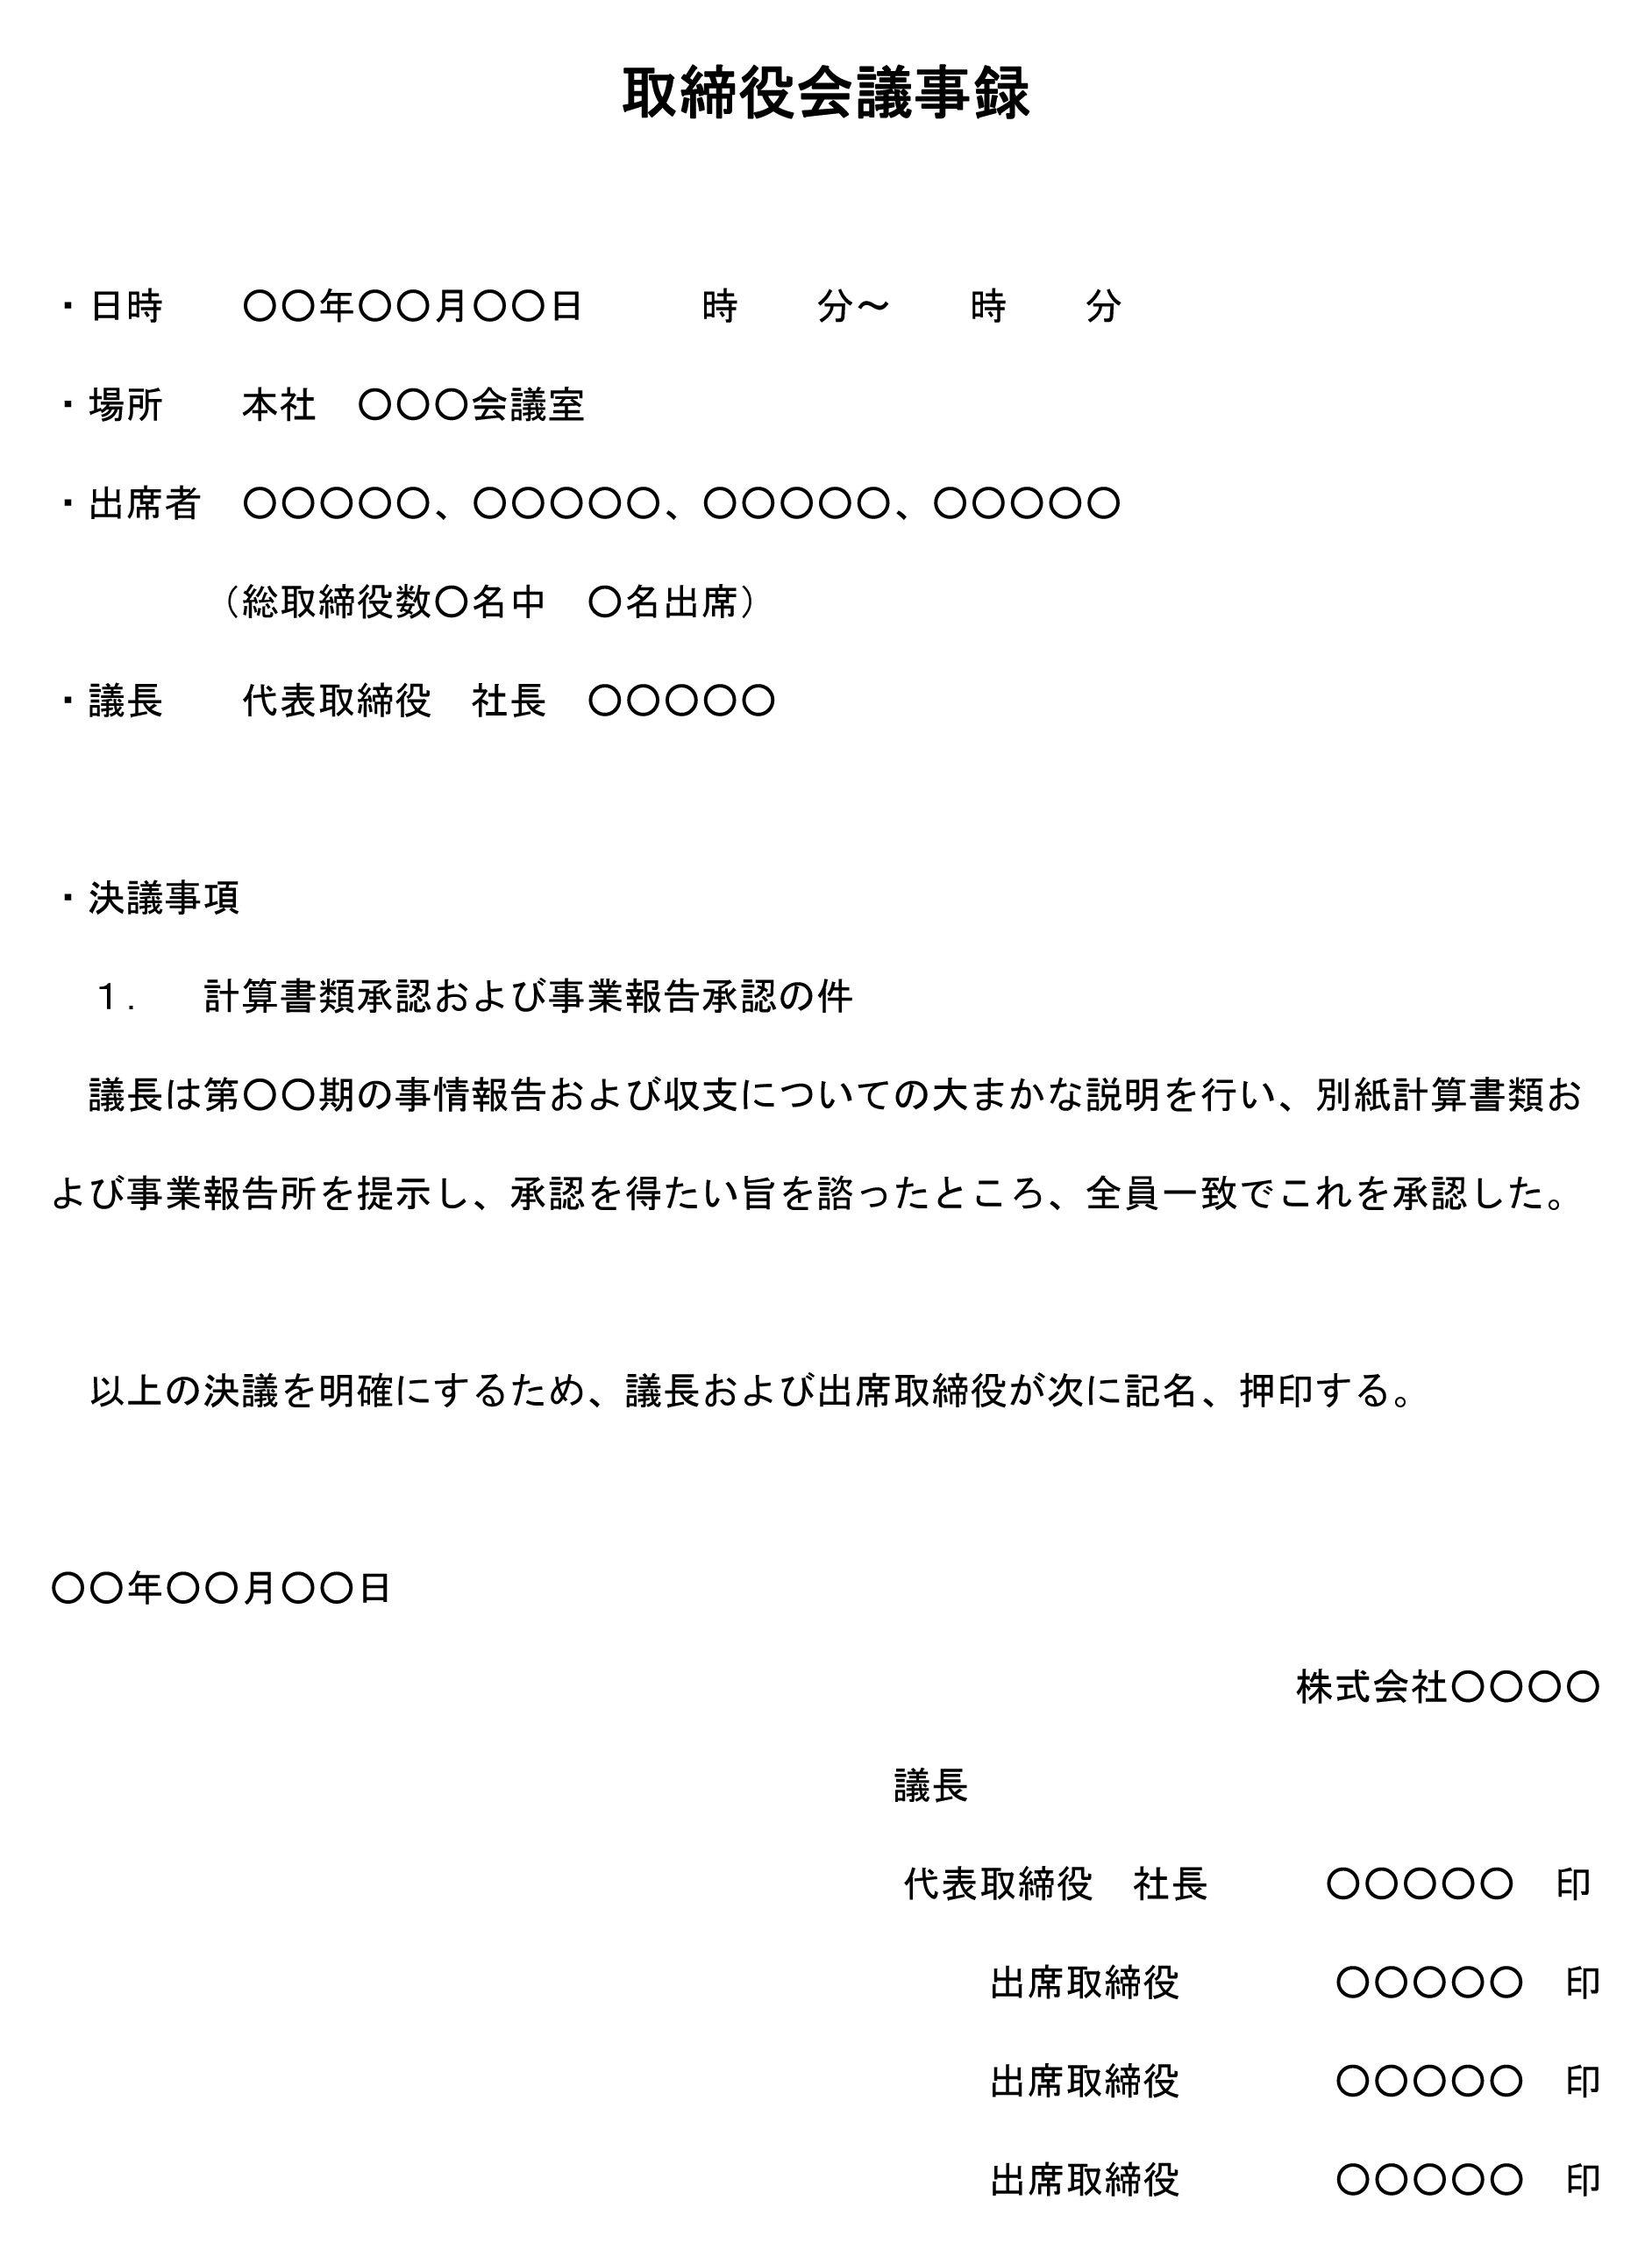 取締役会議事録(事業報告に関する承認)